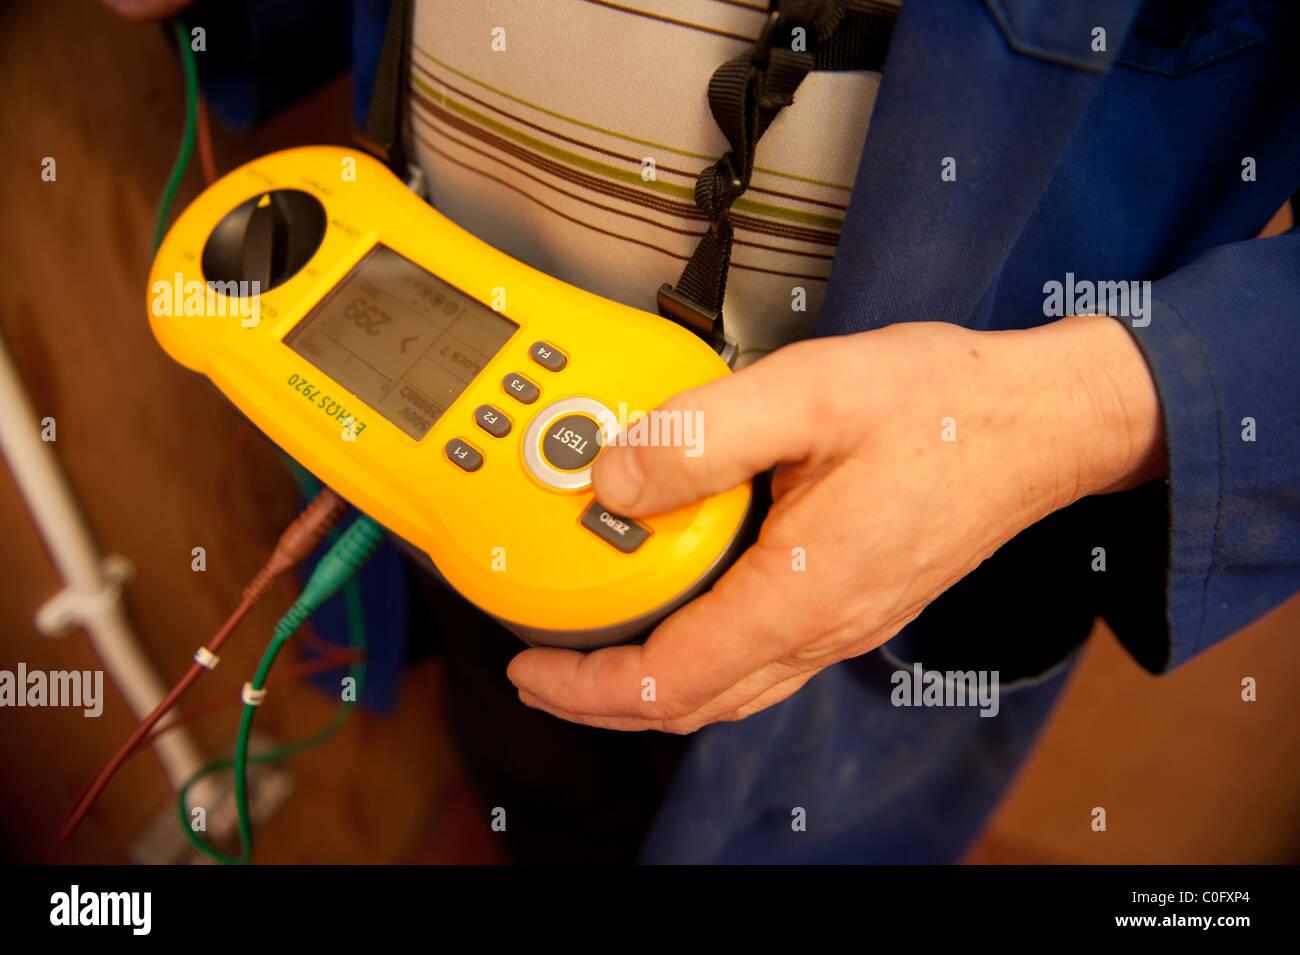 Ein Elektriker zu arbeiten PAT Tests ein elektrisches Gerät, UK Stockbild